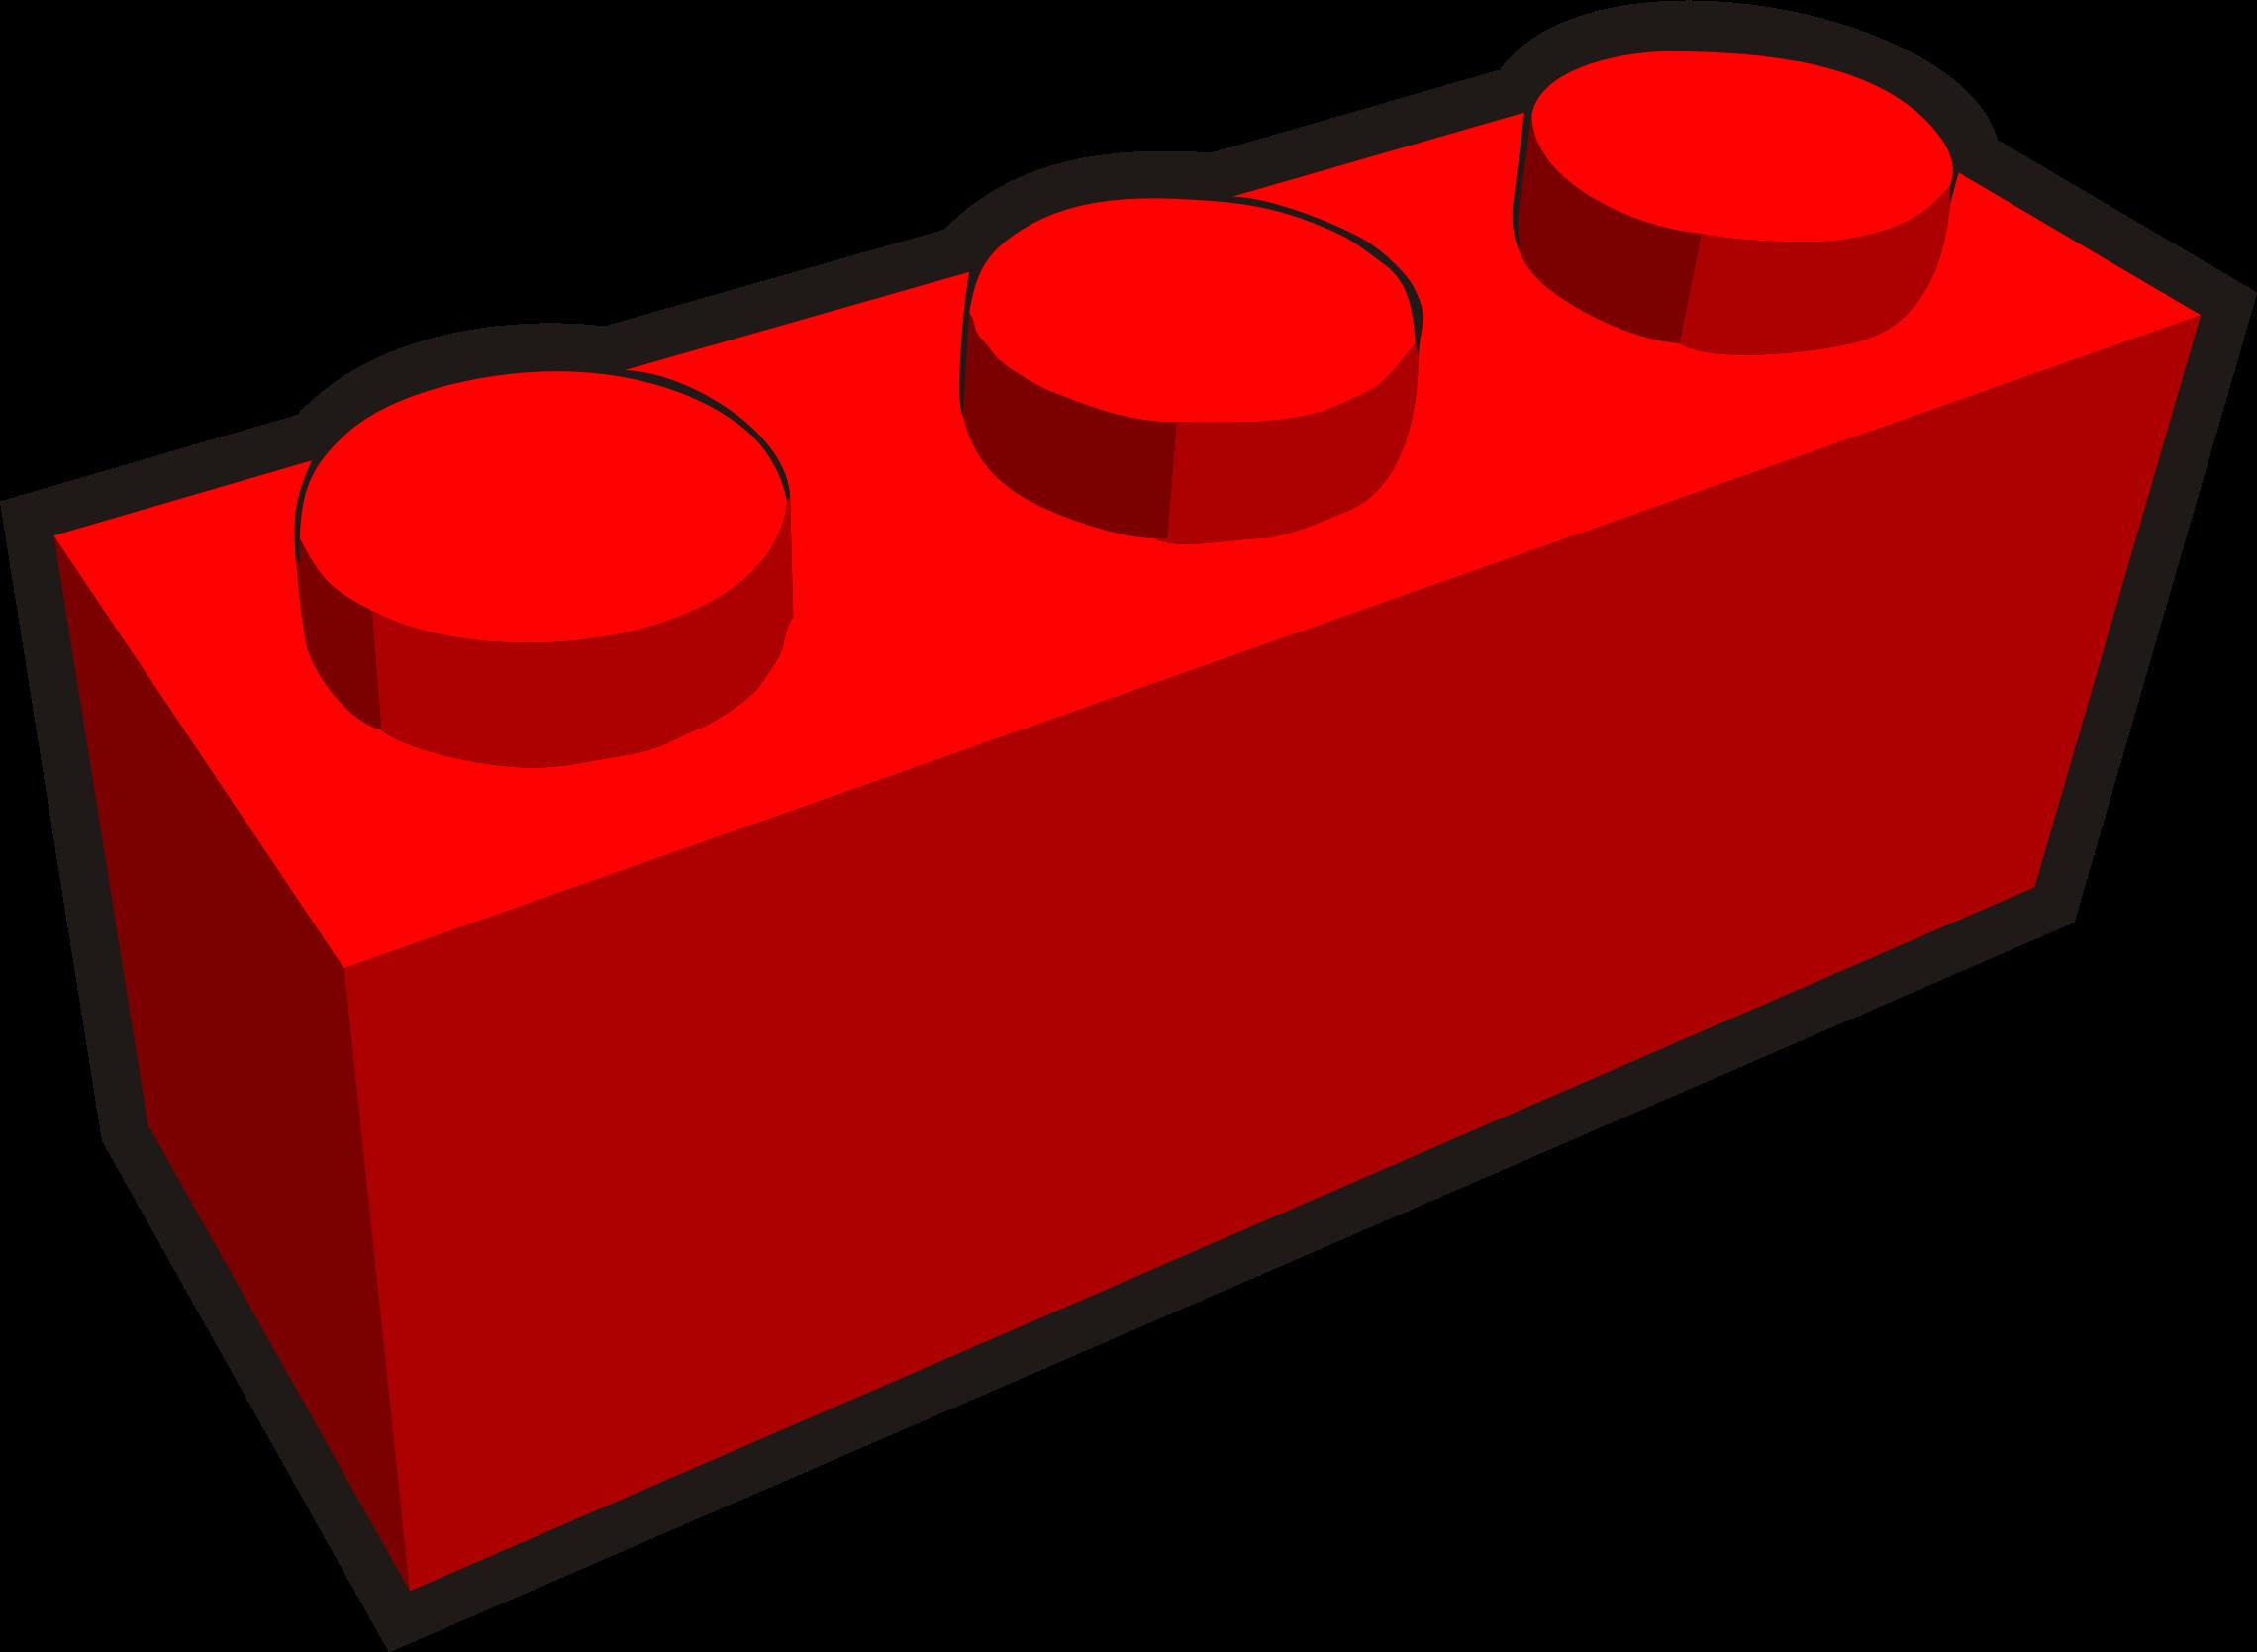 Brick clipart lego Clip brick is Clipart Art